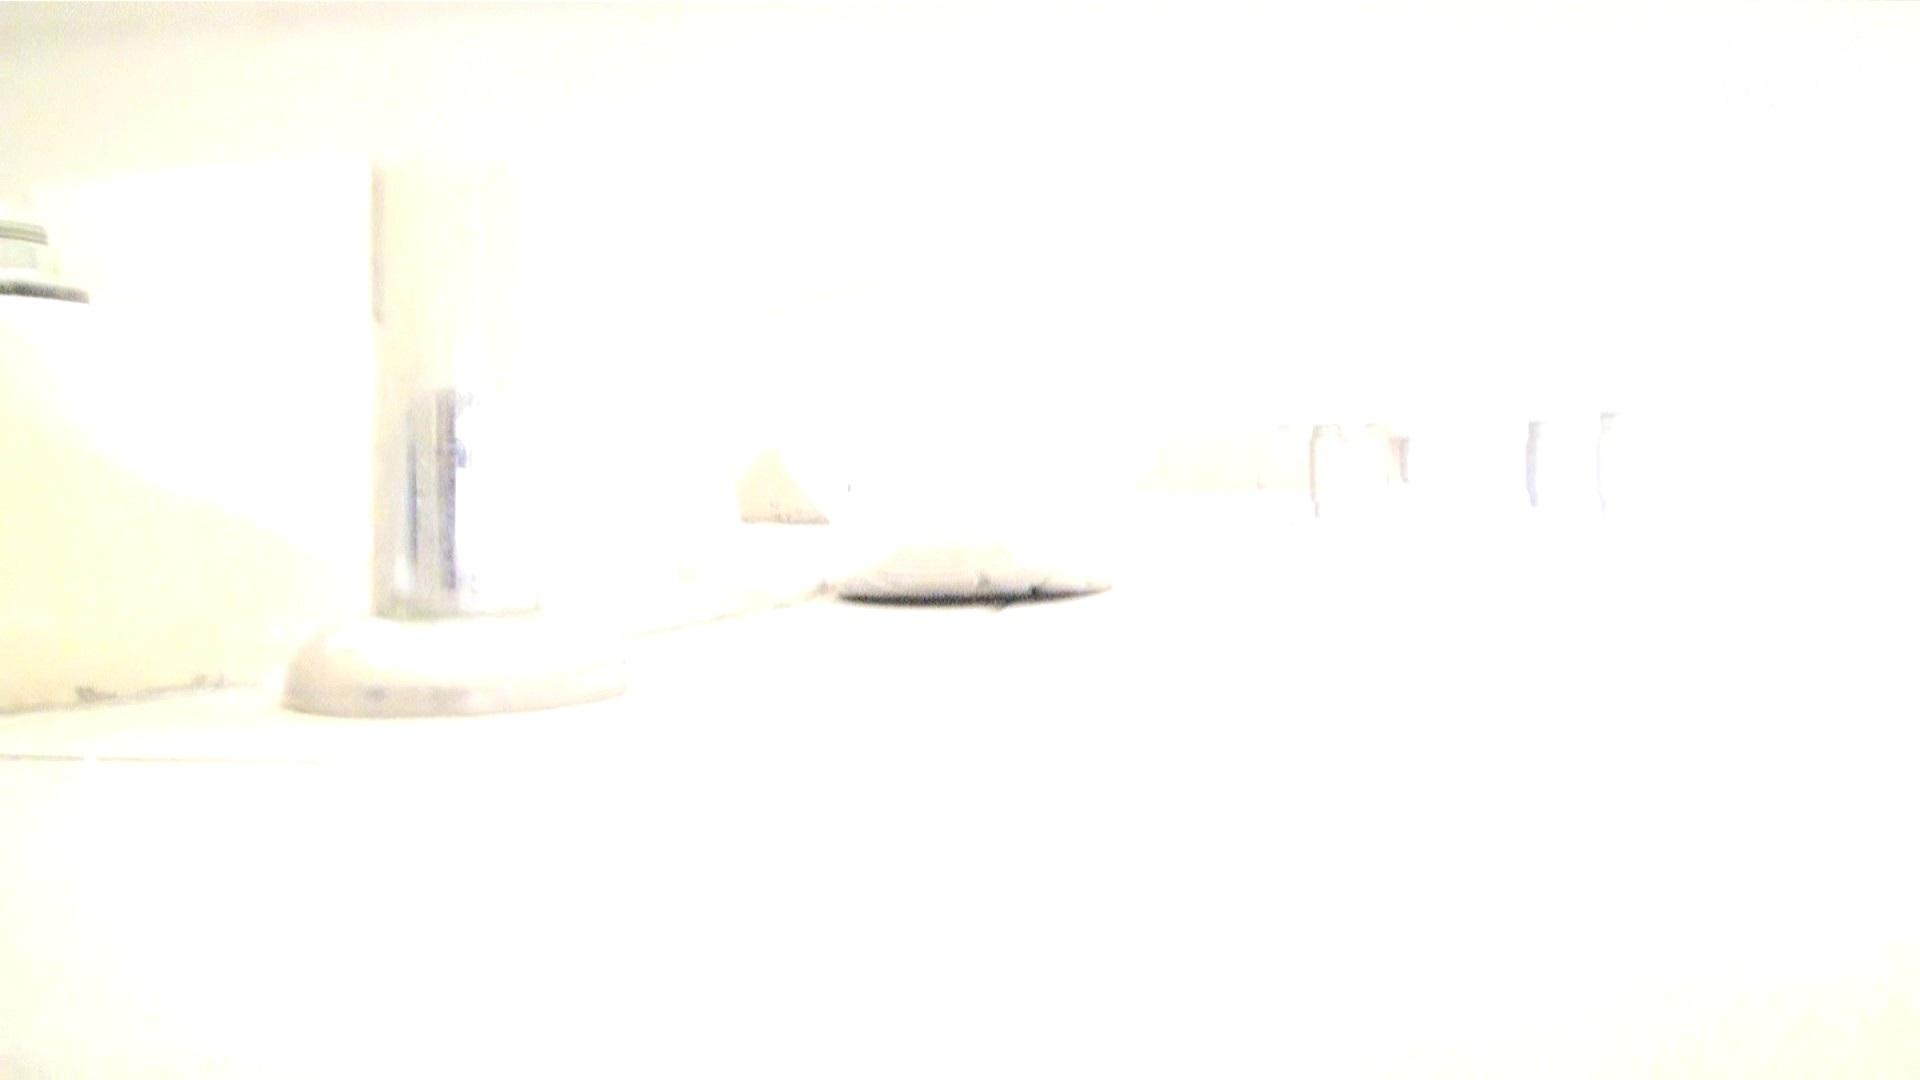 至高下半身盗撮-PREMIUM-【院内病棟編 】 vol.04 洗面所 盗み撮り動画キャプチャ 55画像 53